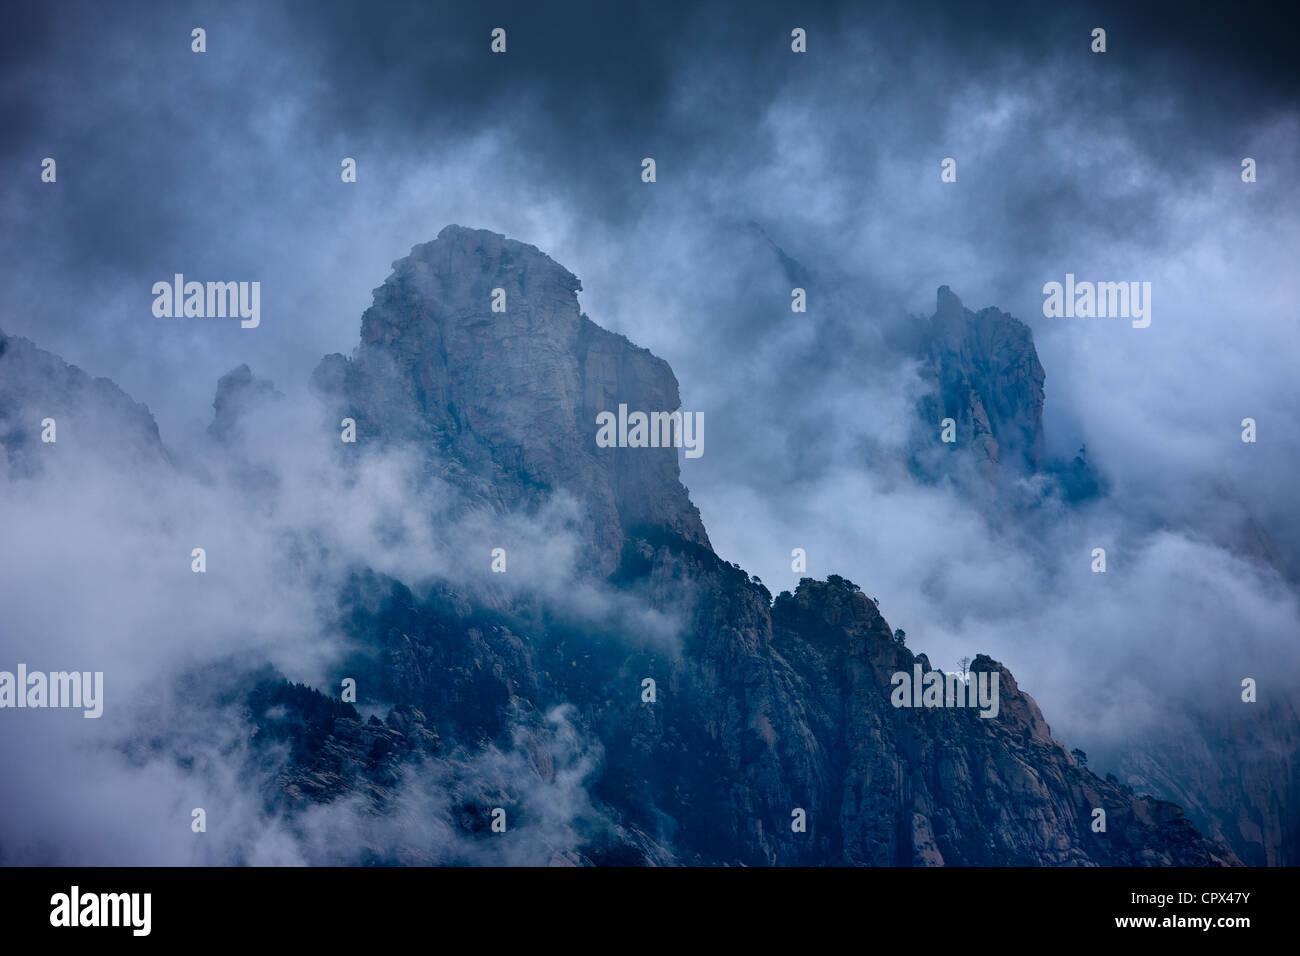 Des nuages de pluie qui pèsent sur le Col de Bavella, les montagnes de Bavella, Corse, France Photo Stock